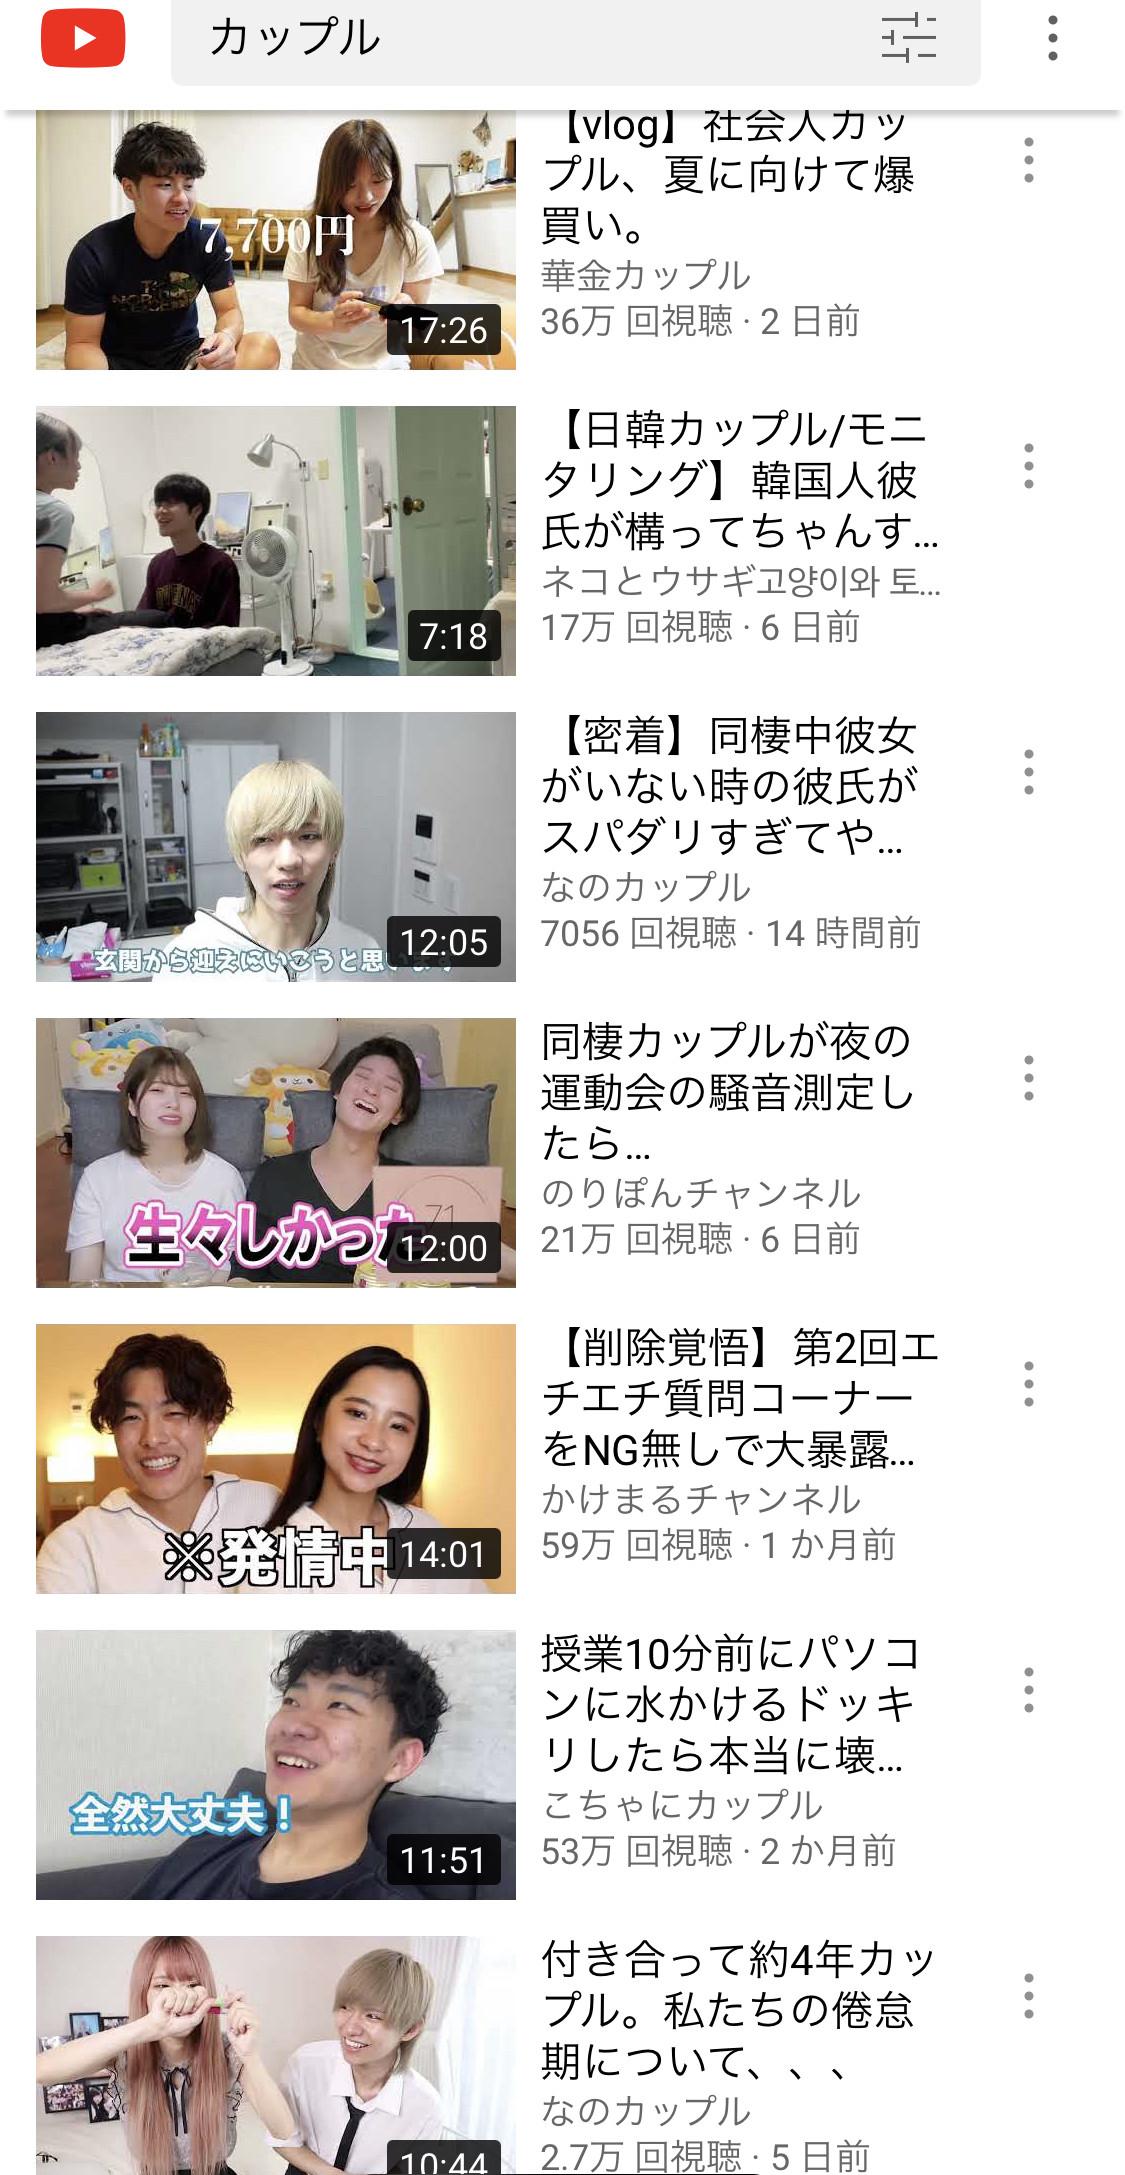 【朗報】カップル系YouTuber、大人気に